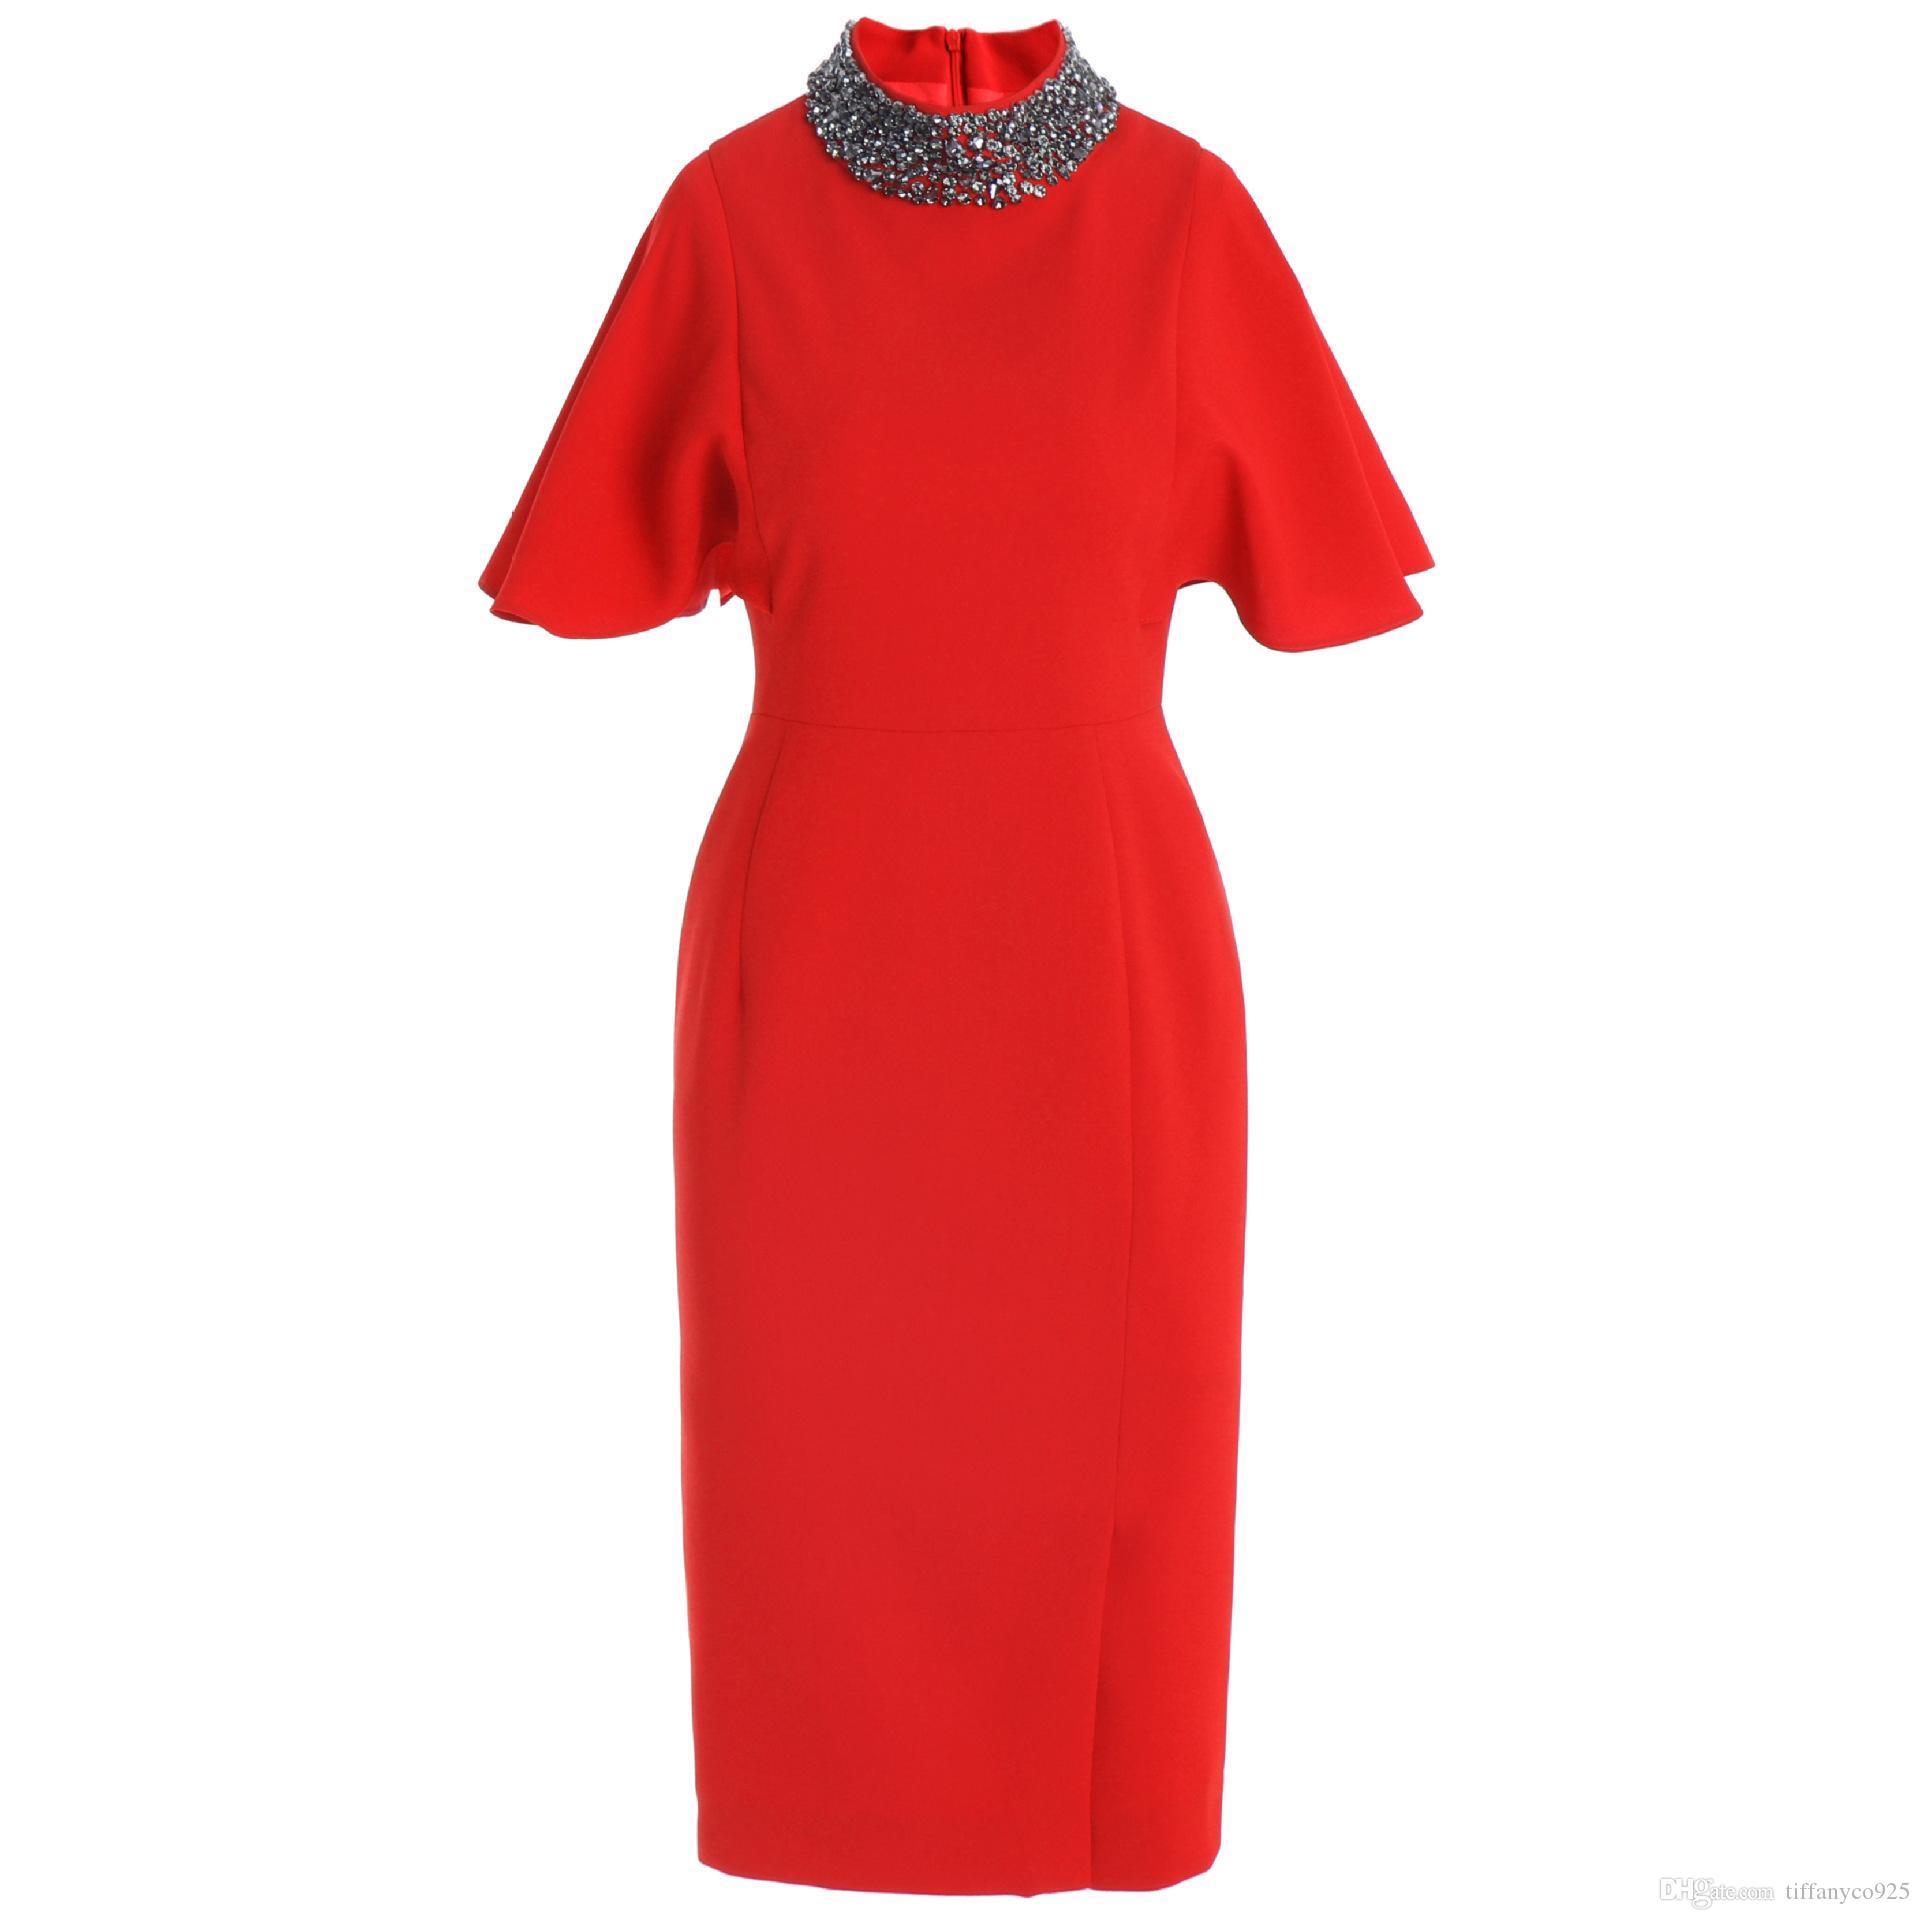 2020 Spring Luxury Half Sleeve Stand шеи Элегантный Красный Чистый цвет бисера Midi платье повседневные платья M211901209